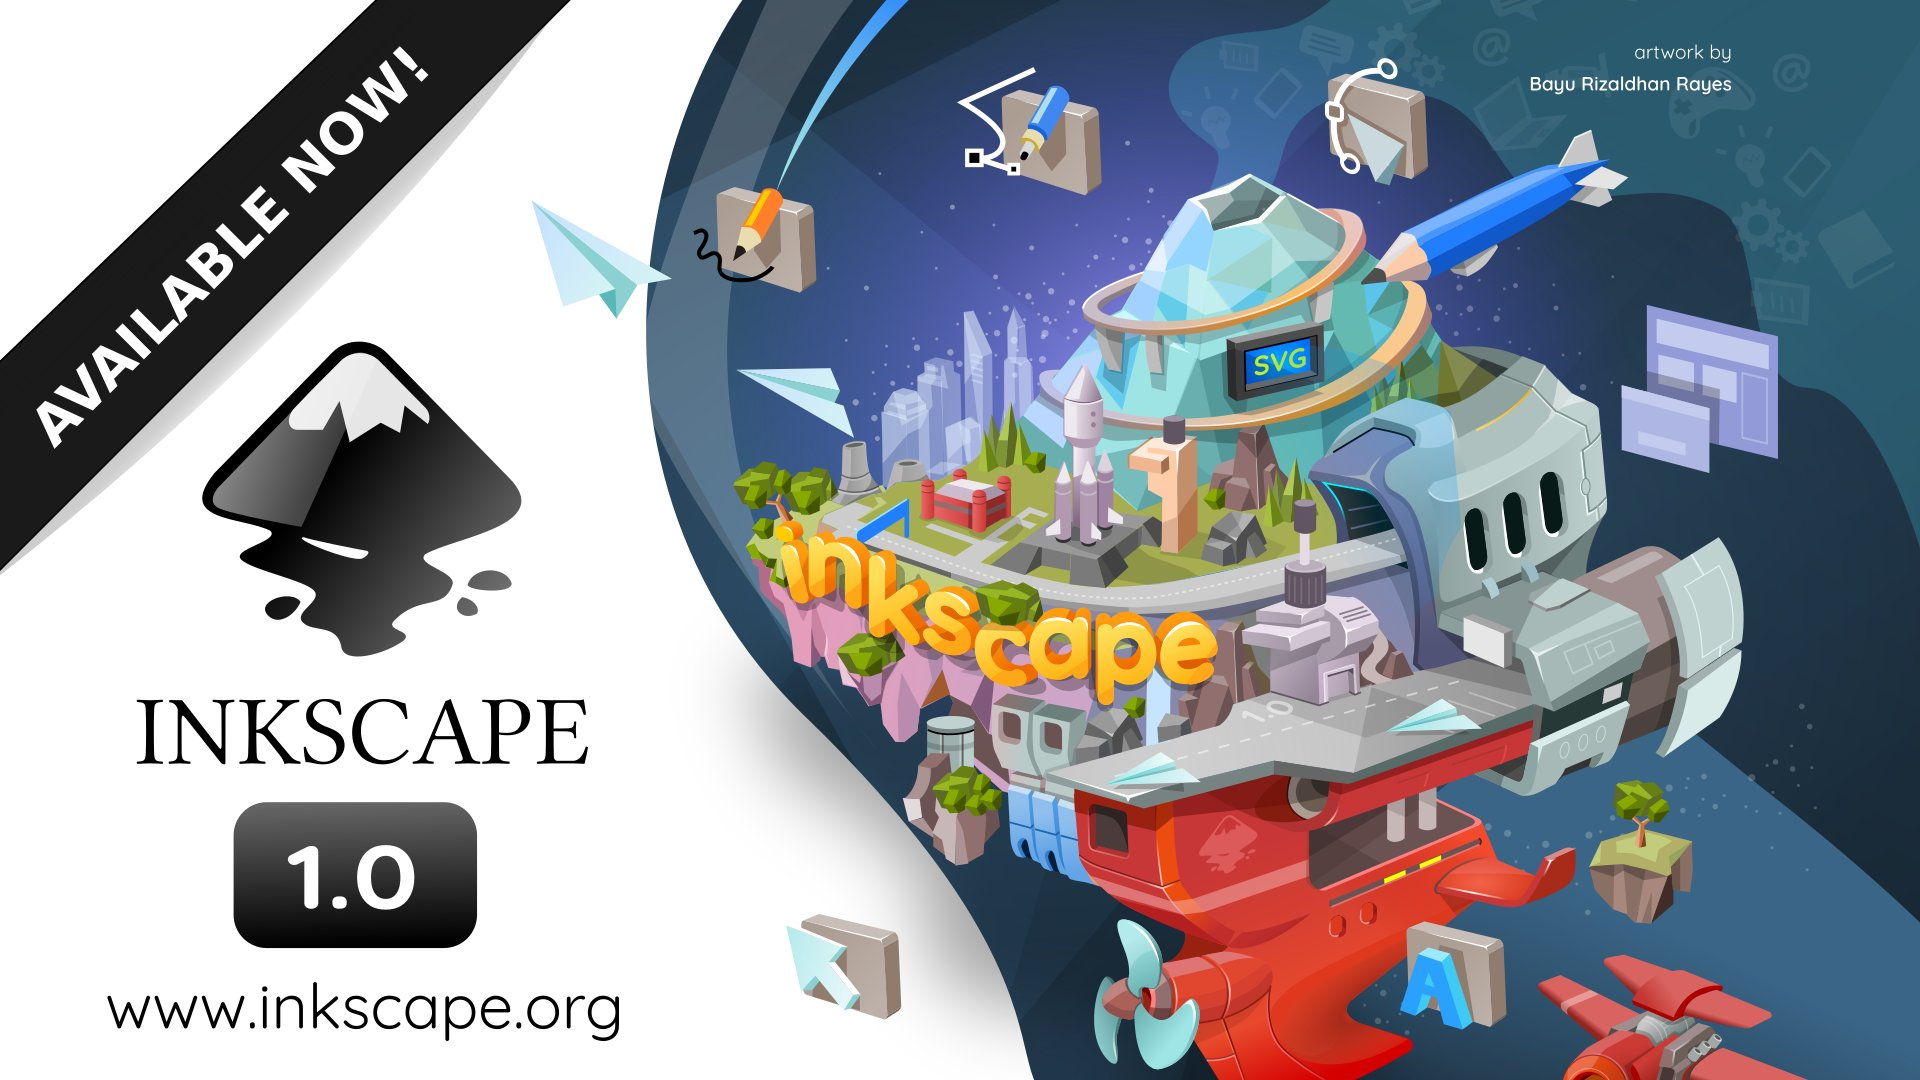 Imagen Inkscape alcanza la versión 1.0